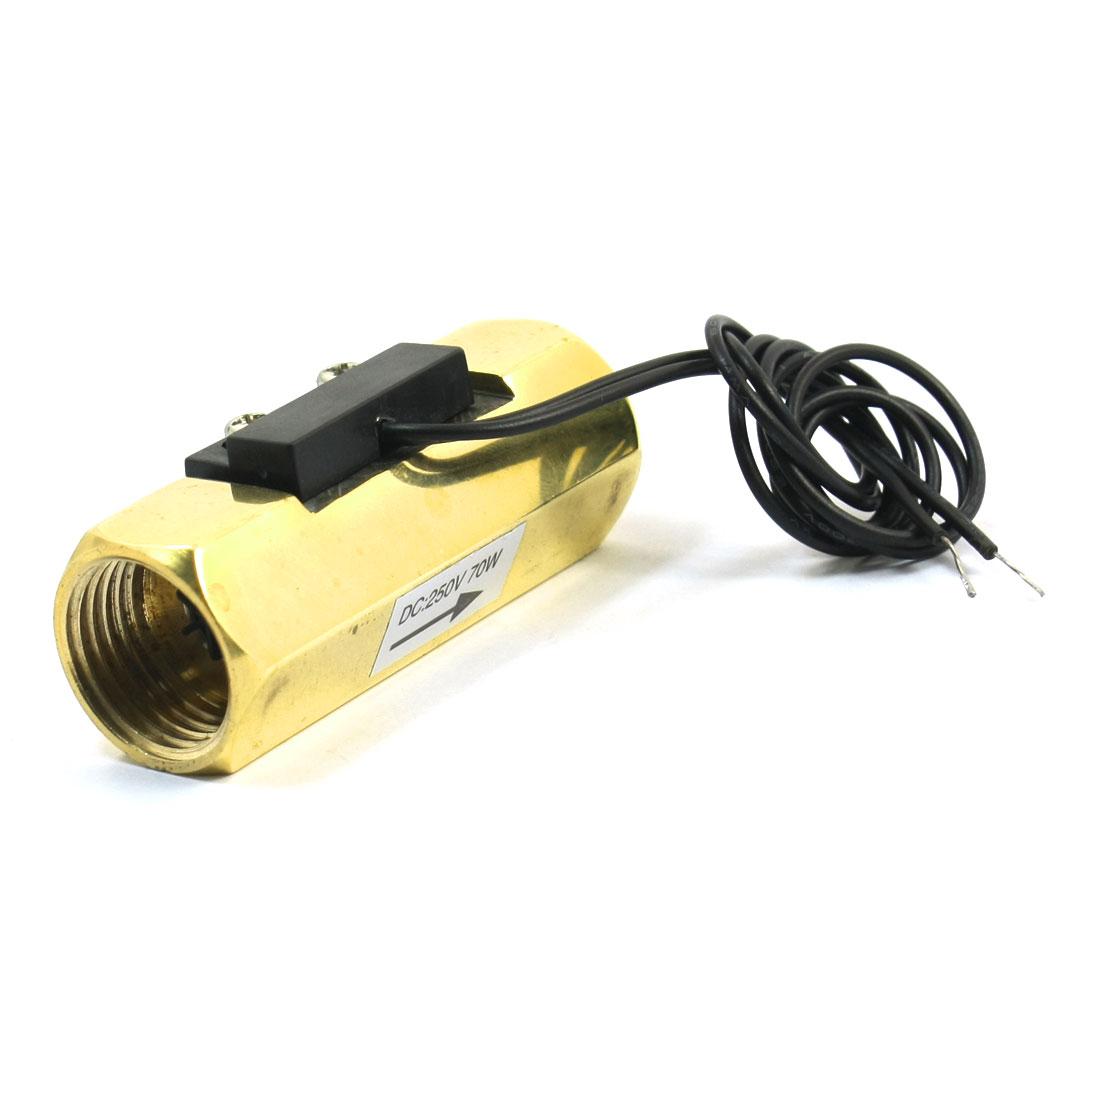 DC250V Brass G1/2 Inner Threaded Magnetic Water Flow Switch Flowmeter 1-30L/min